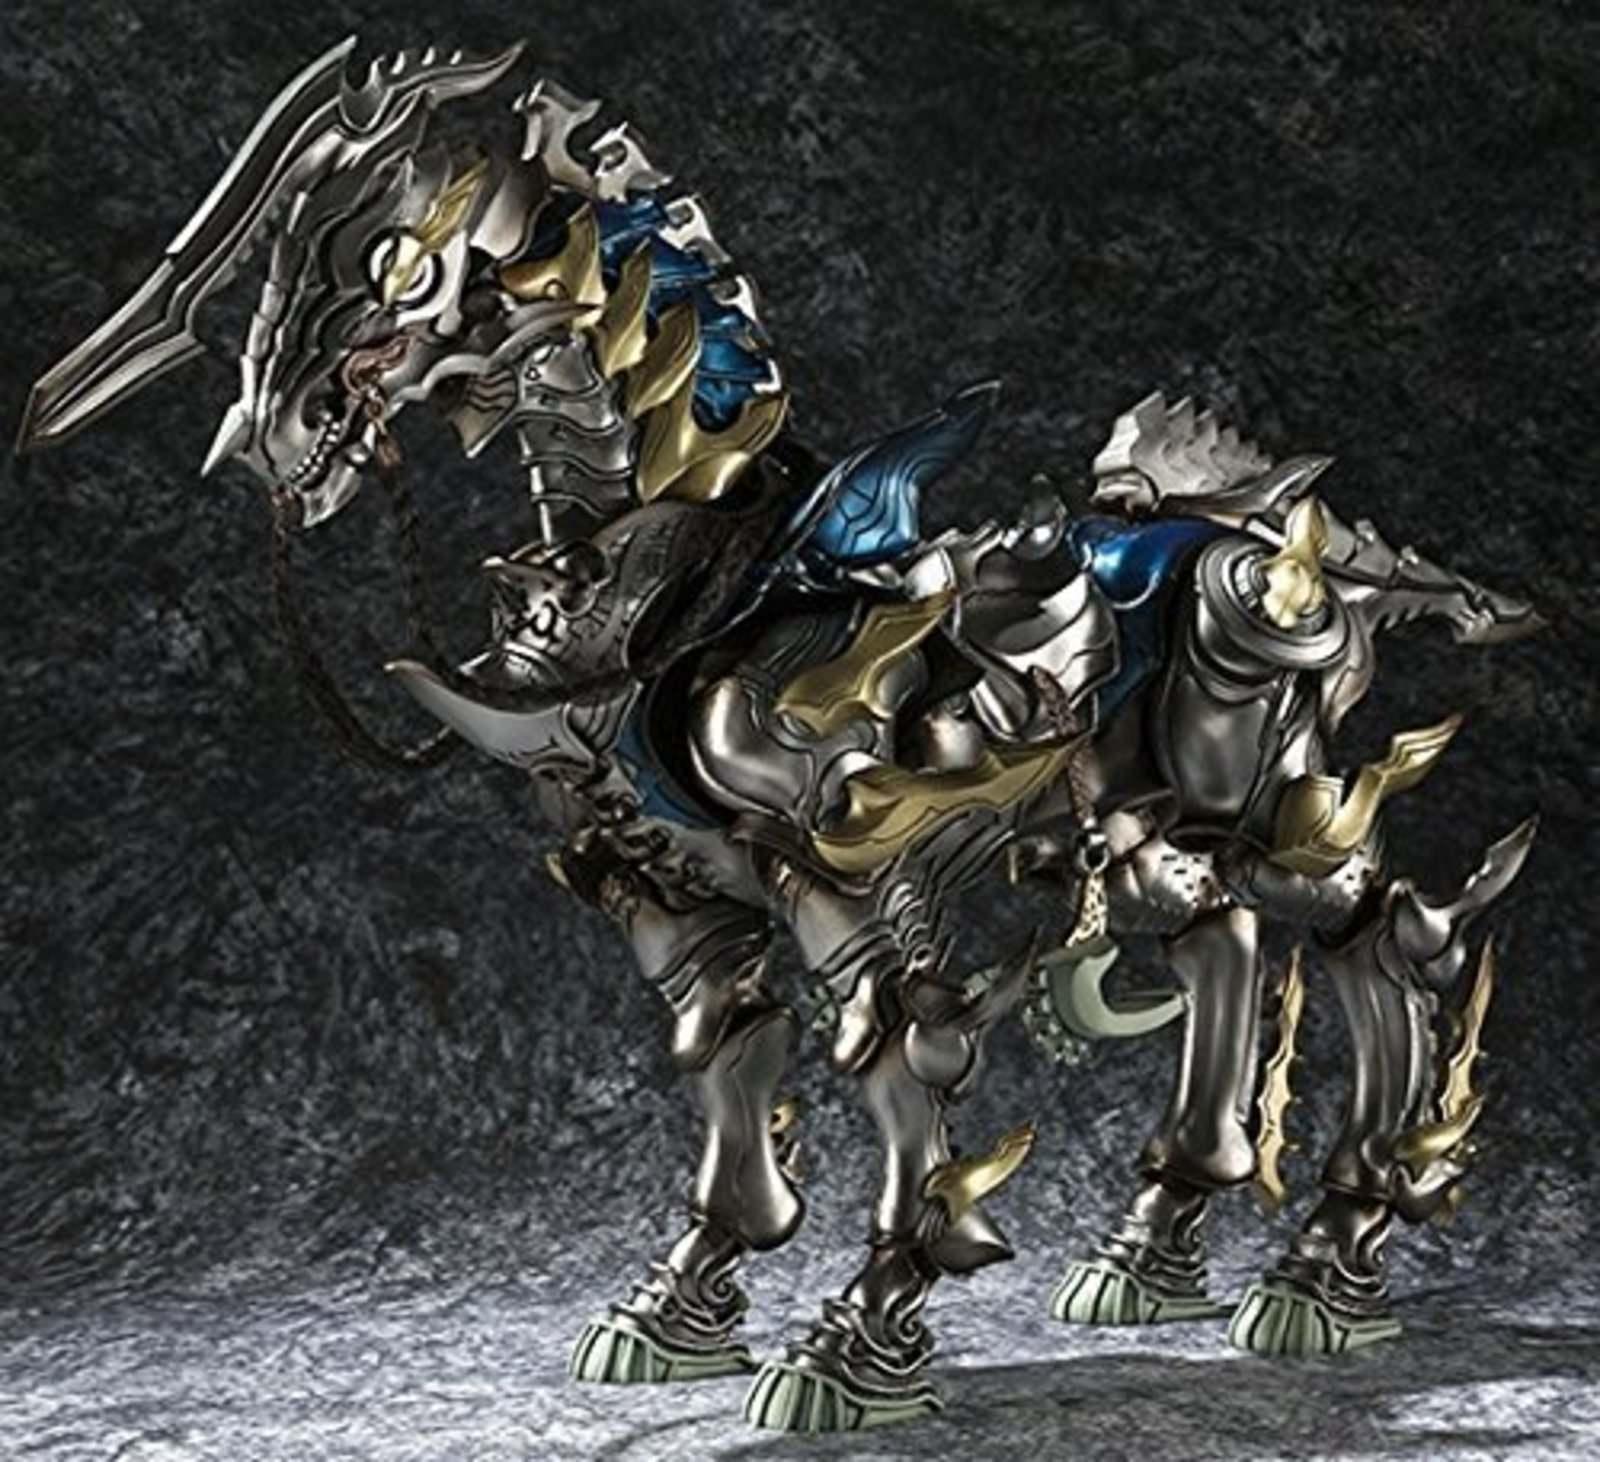 Makai Kadou Garo Mado Cavallo Ginga Actionfigure Bandai Tamashii Nazioni F S